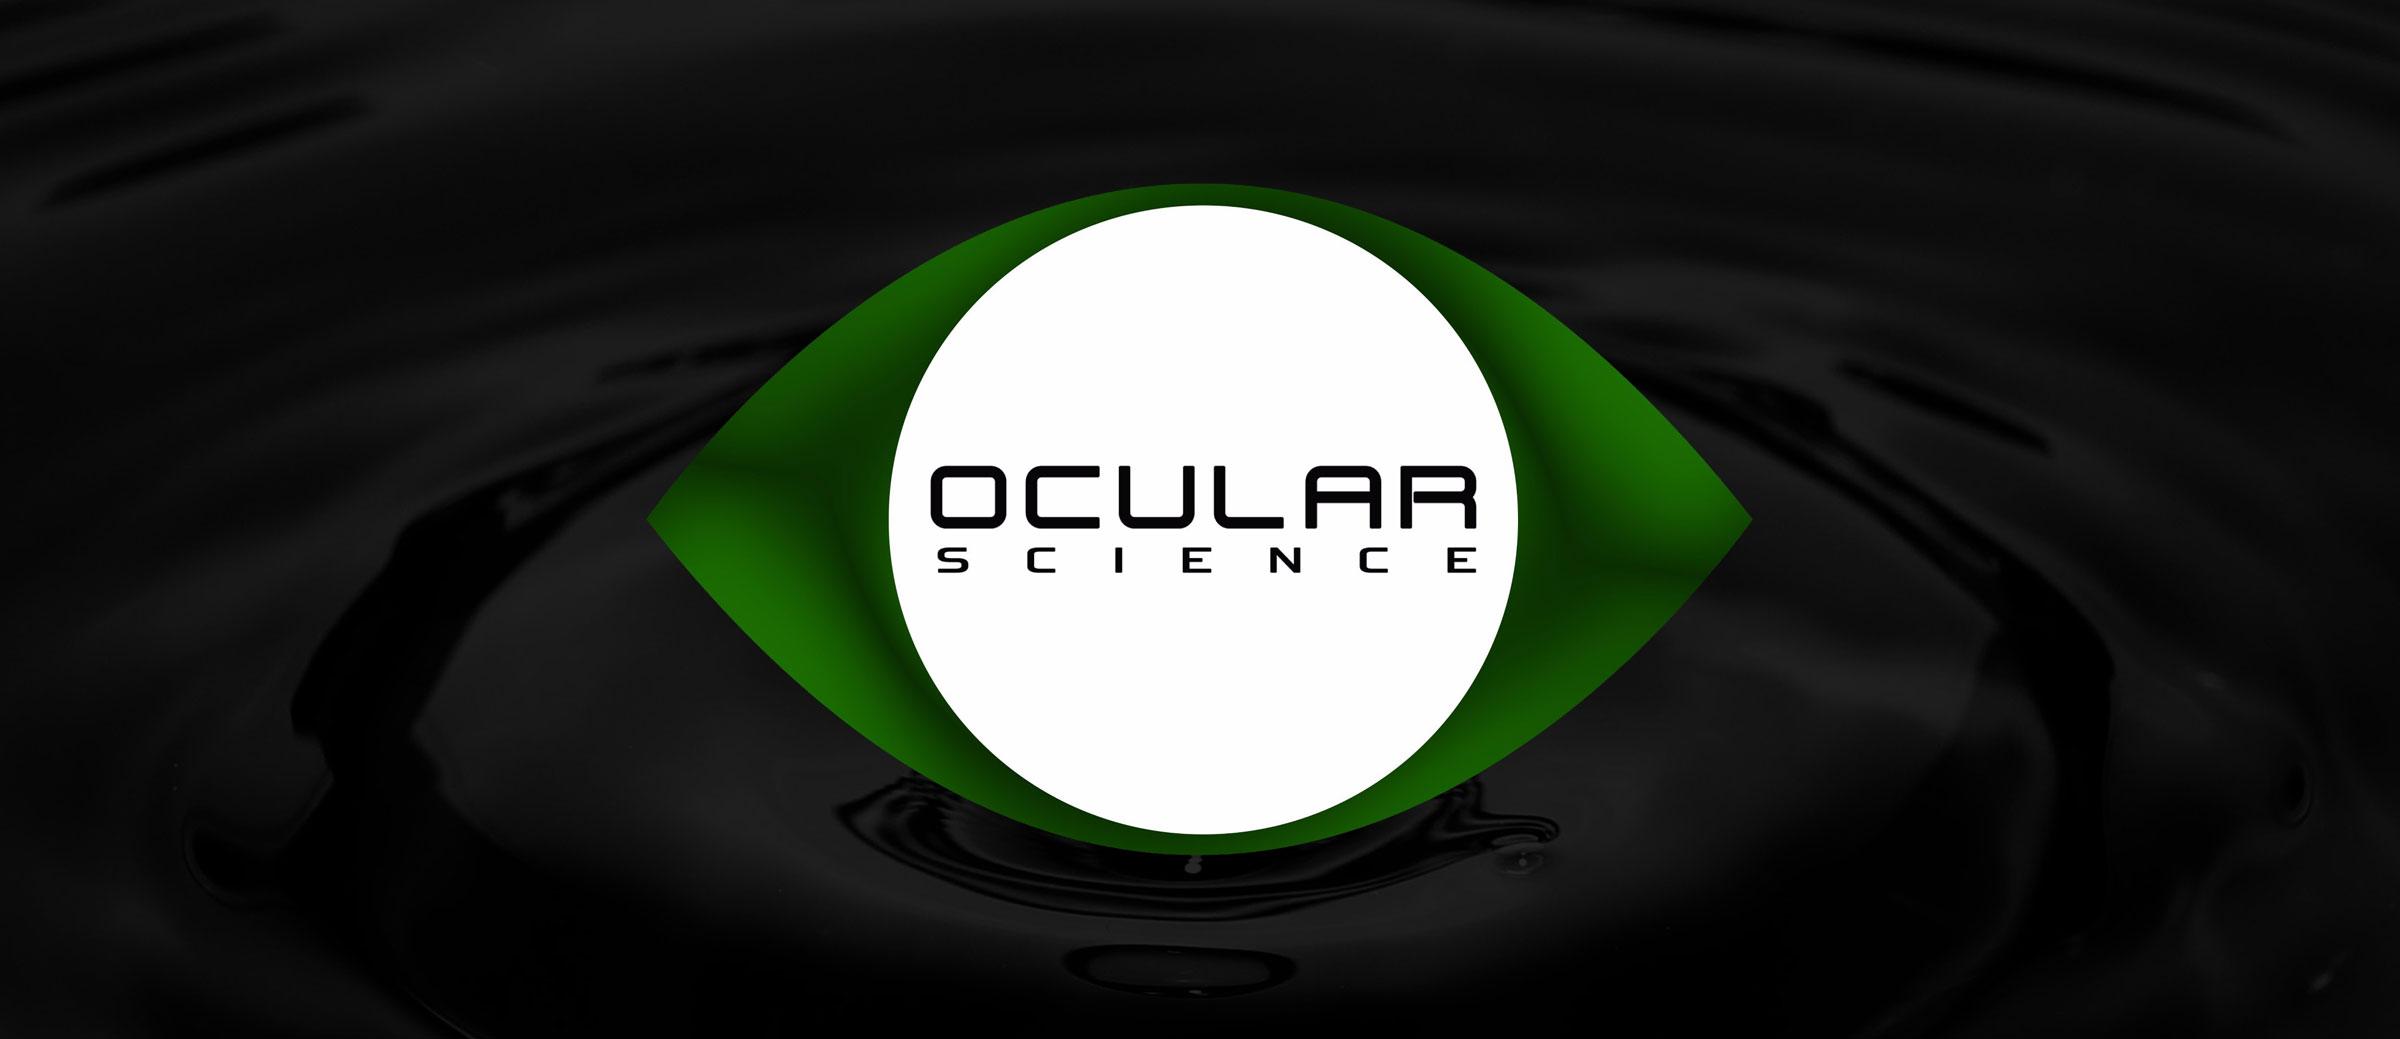 ocular-science-banner